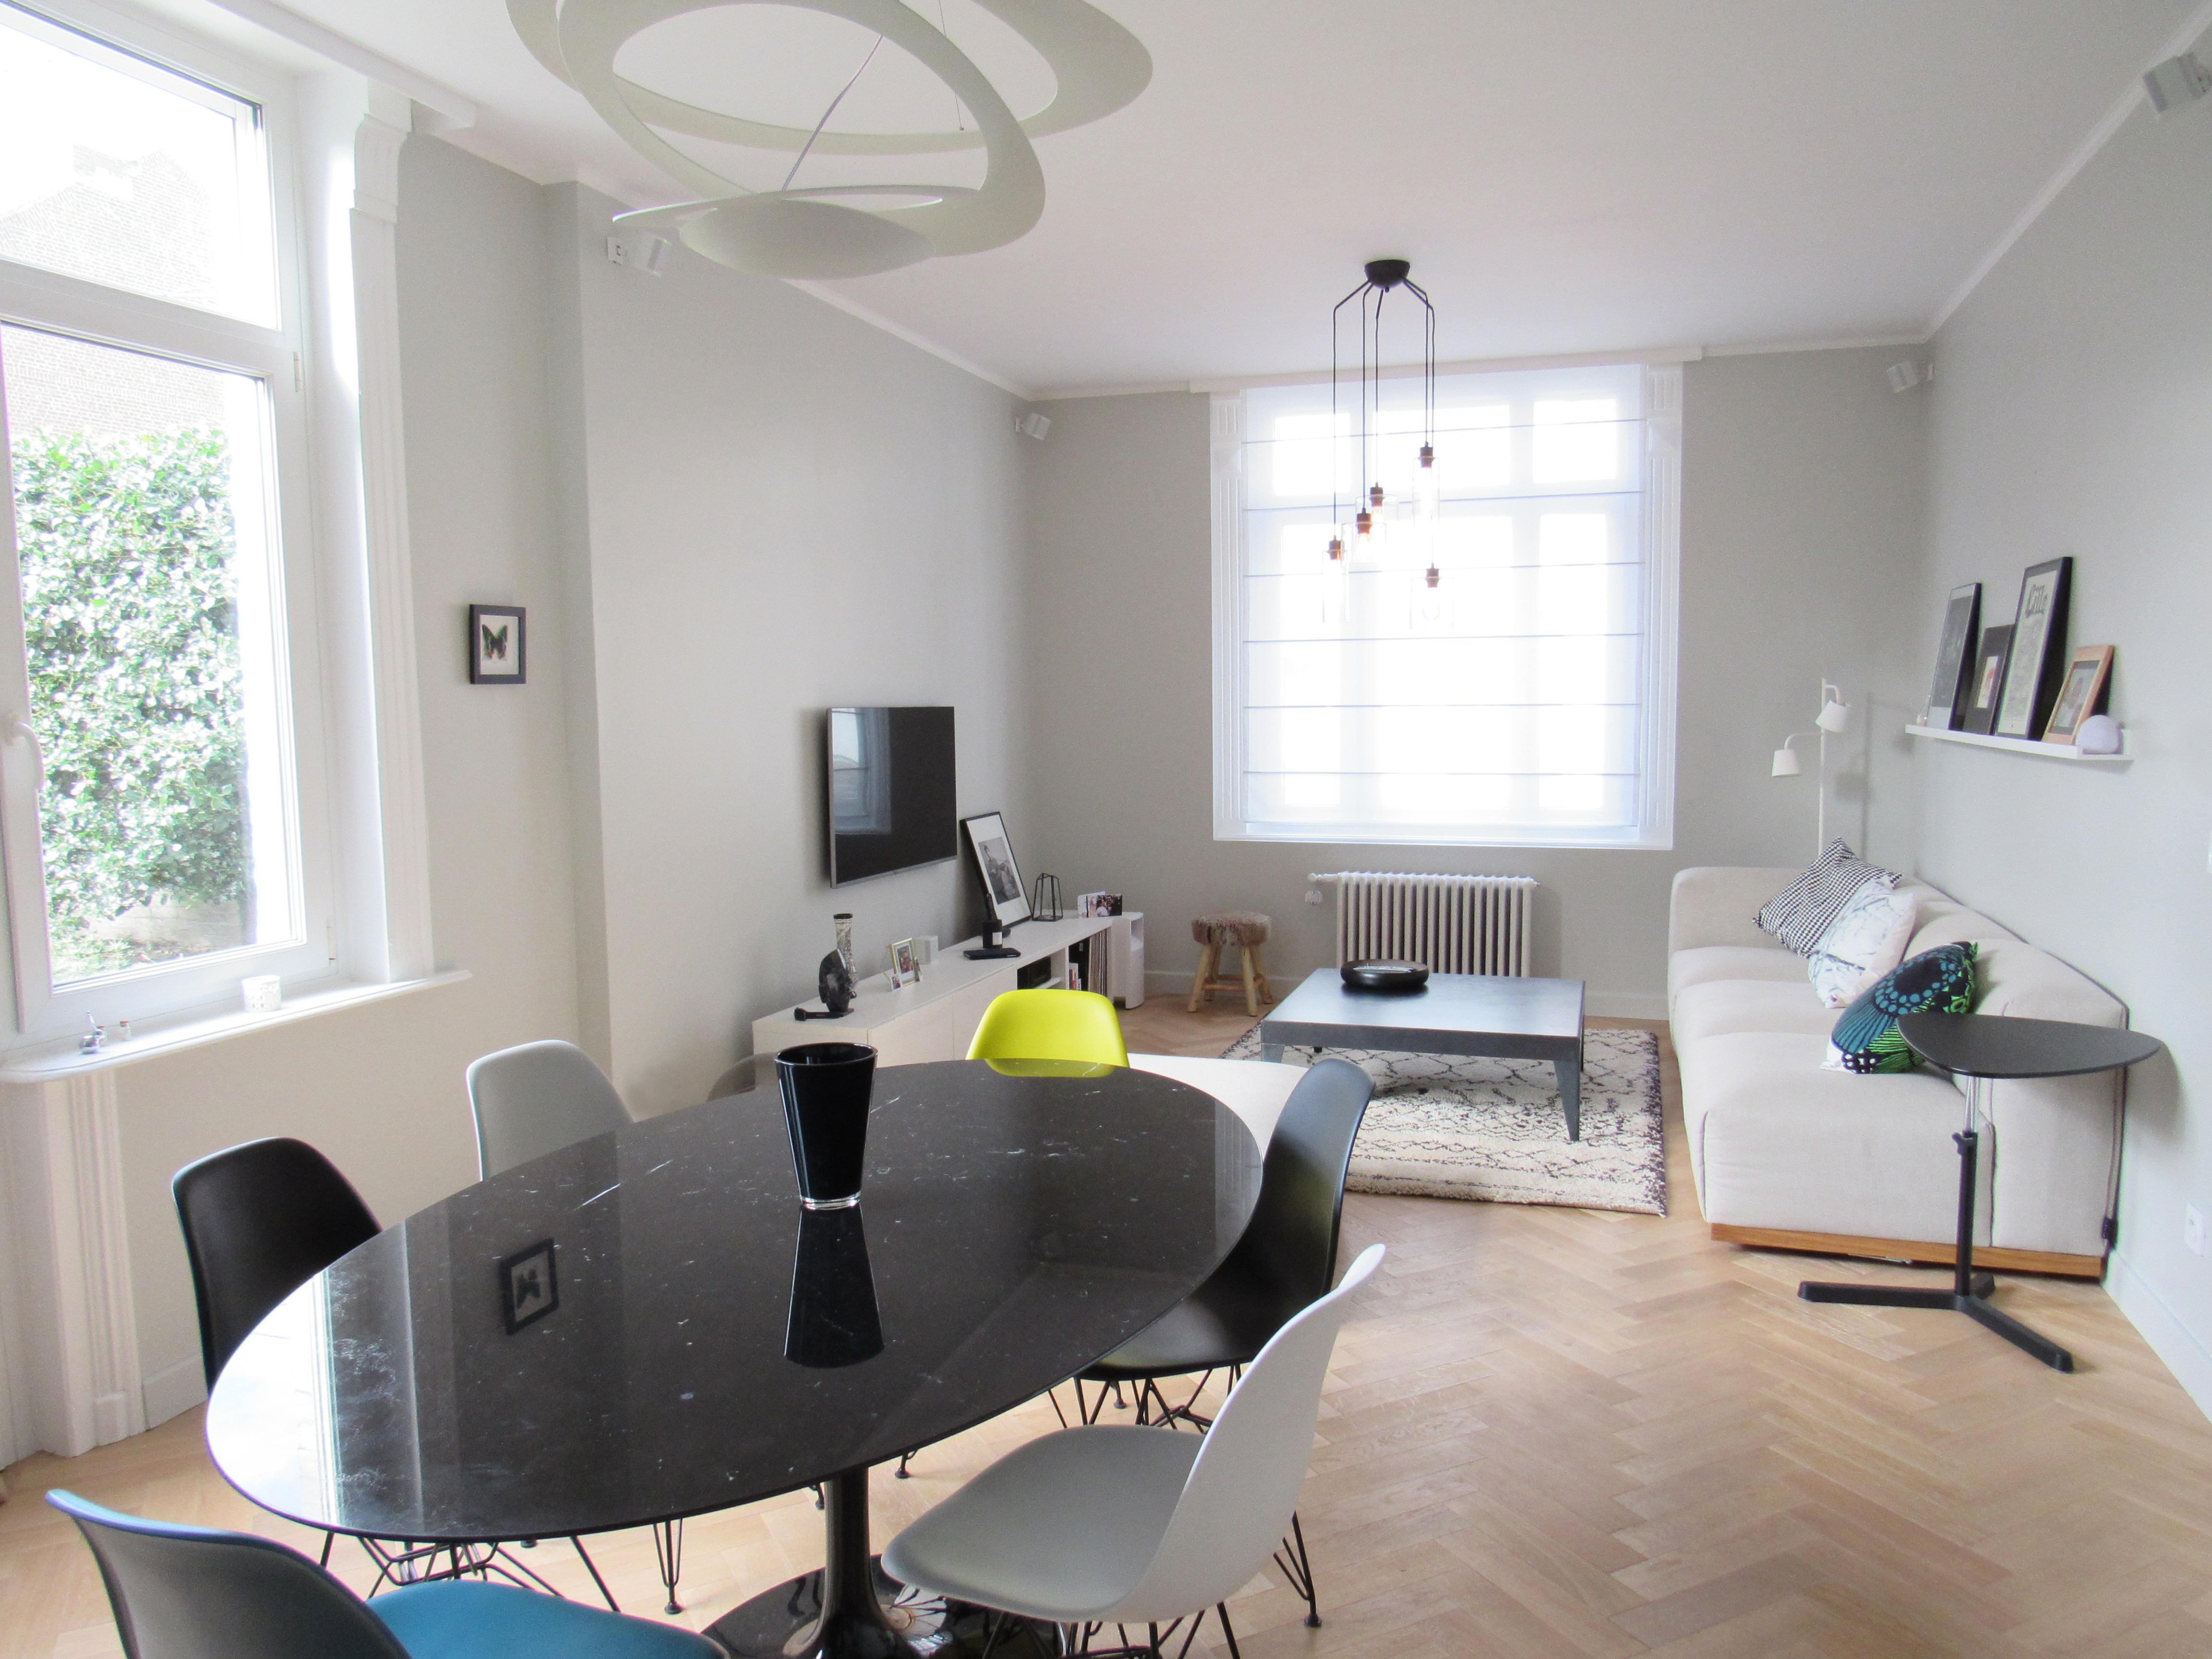 ldinterieur s jour salon salle architecte int rieur lambersart 5 l d int rieur. Black Bedroom Furniture Sets. Home Design Ideas